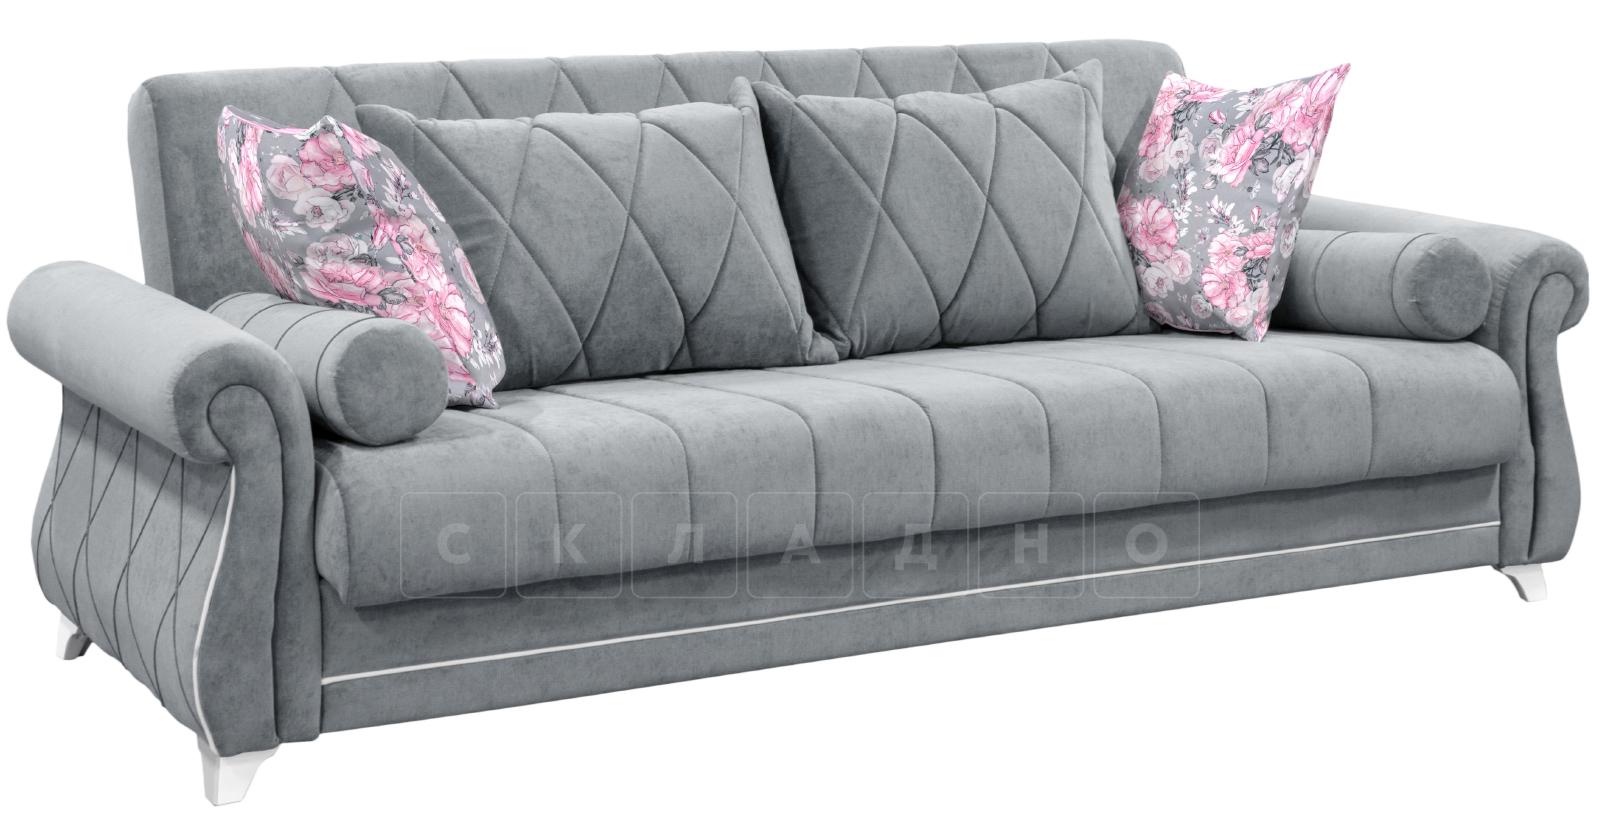 Диван-кровать Роза энерджи фото 1 | интернет-магазин Складно